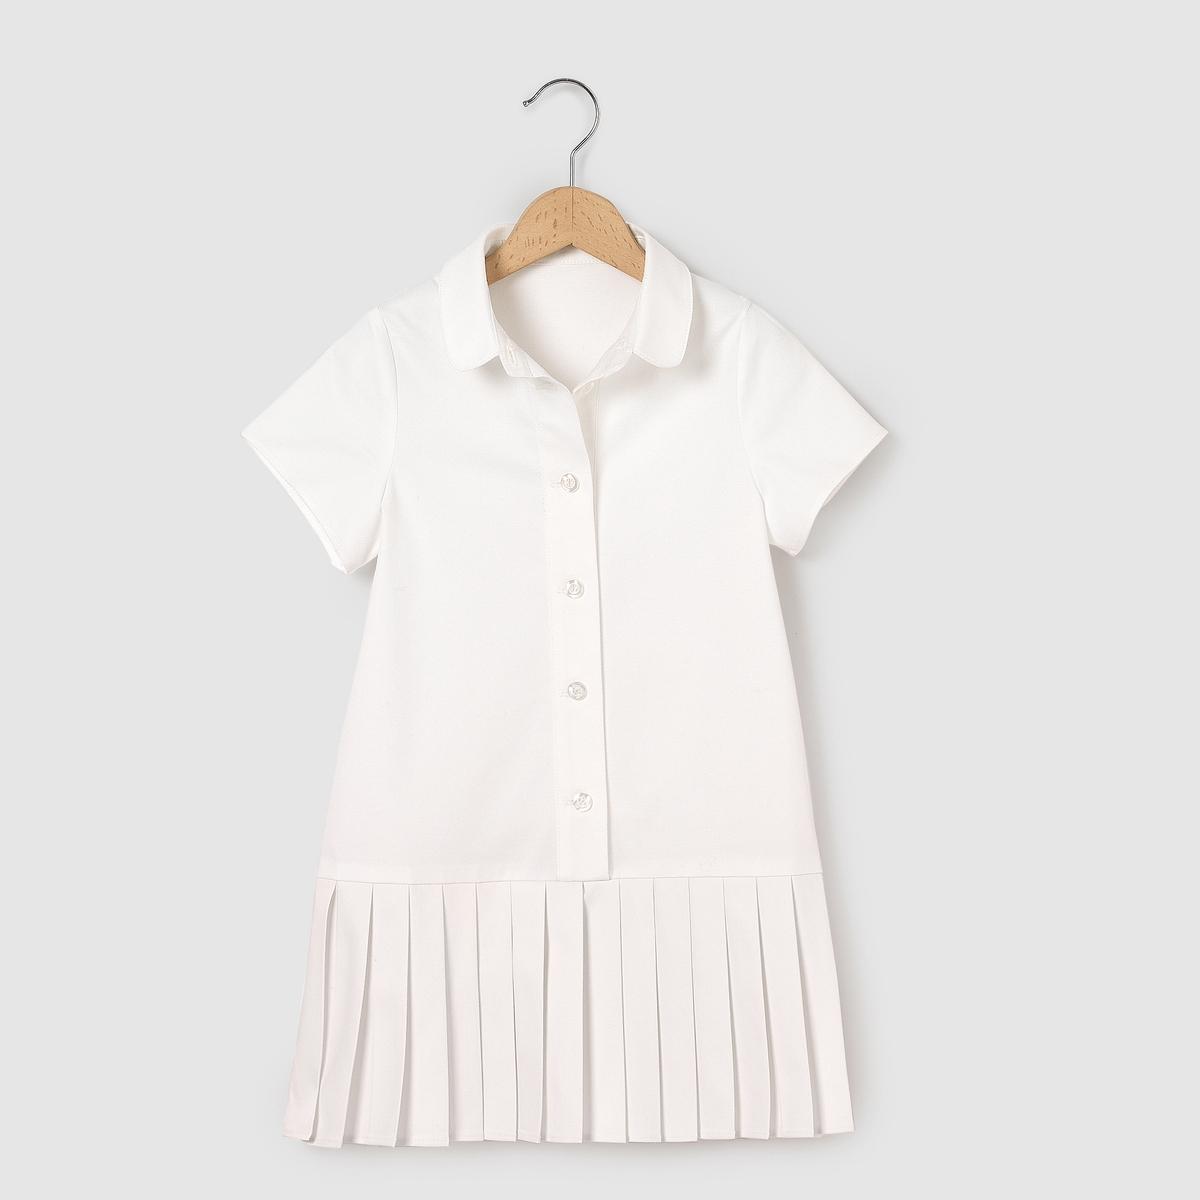 Платье из двух материаловПлатье из двух материалов. Верх, 98% хлопка, 2% эластана. Плиссированный низ, 62% вискозы, 36% полиэстера, 2% эластана.<br><br>Цвет: белый<br>Размер: 6 лет - 114 см